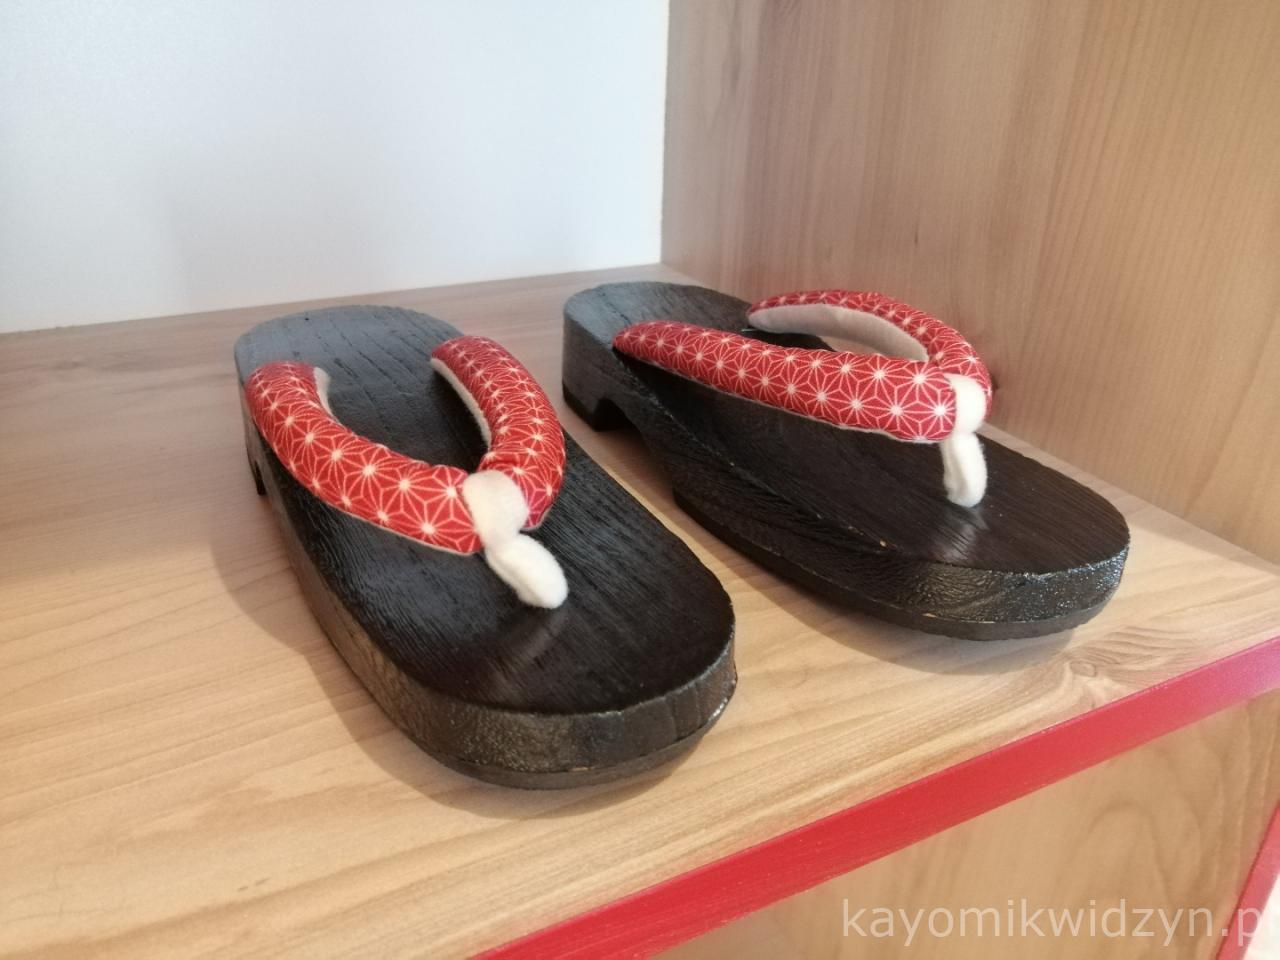 Sandały Japońskie Kayomi Kwidzyn